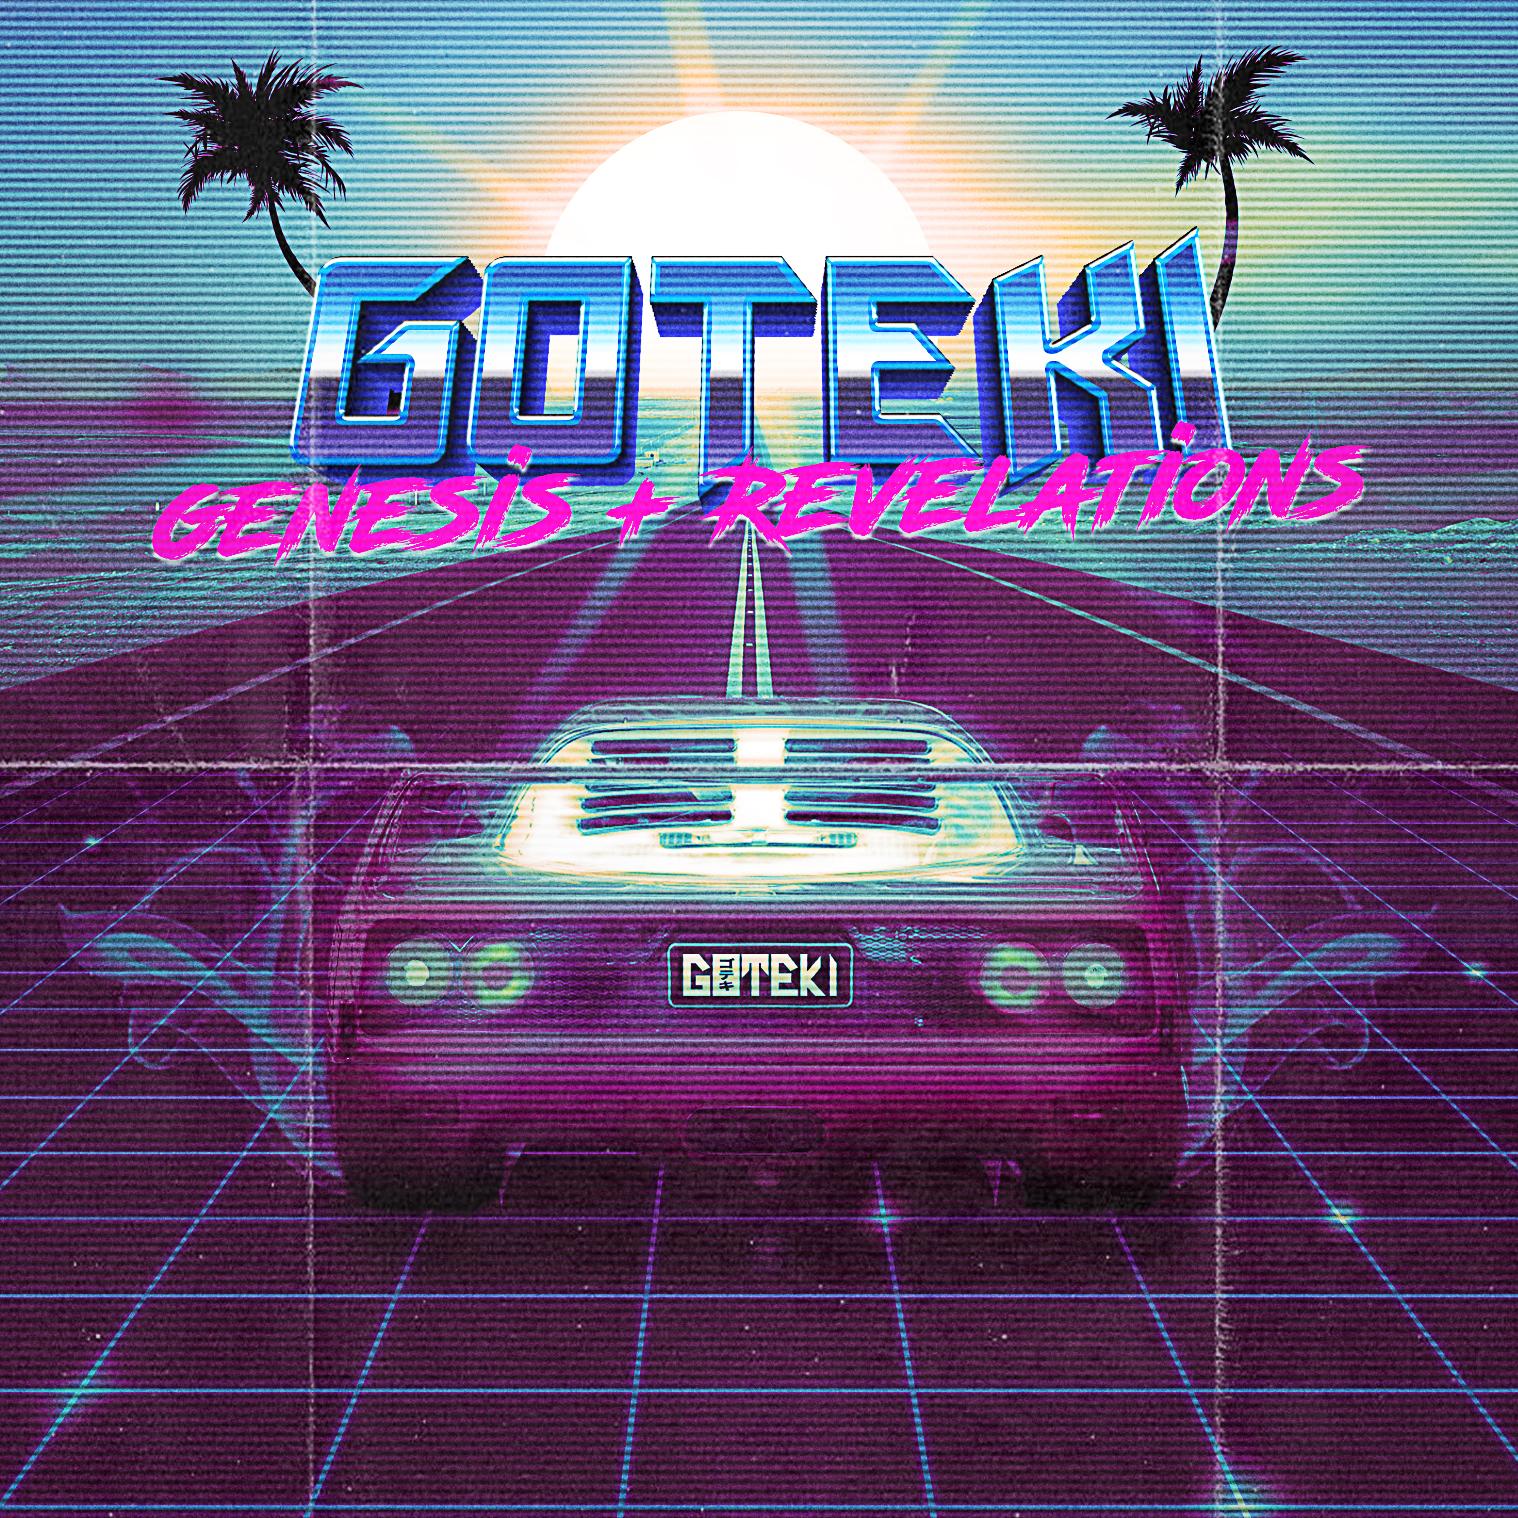 Goteki - Genesis + Revelations